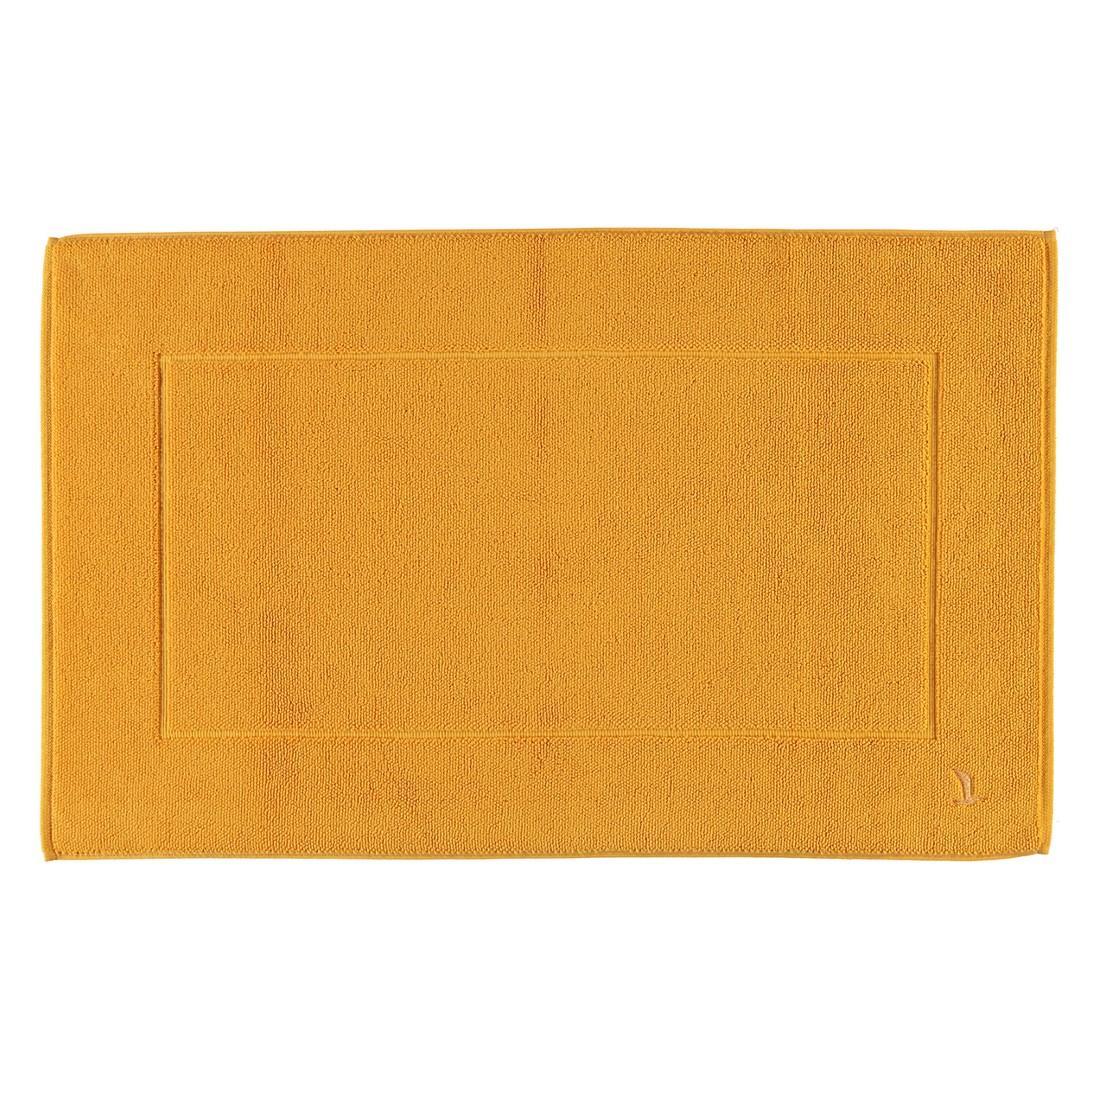 Badteppiche Superwuschel – Baumwolle – Saffron – 60×60 cm, Möve jetzt bestellen